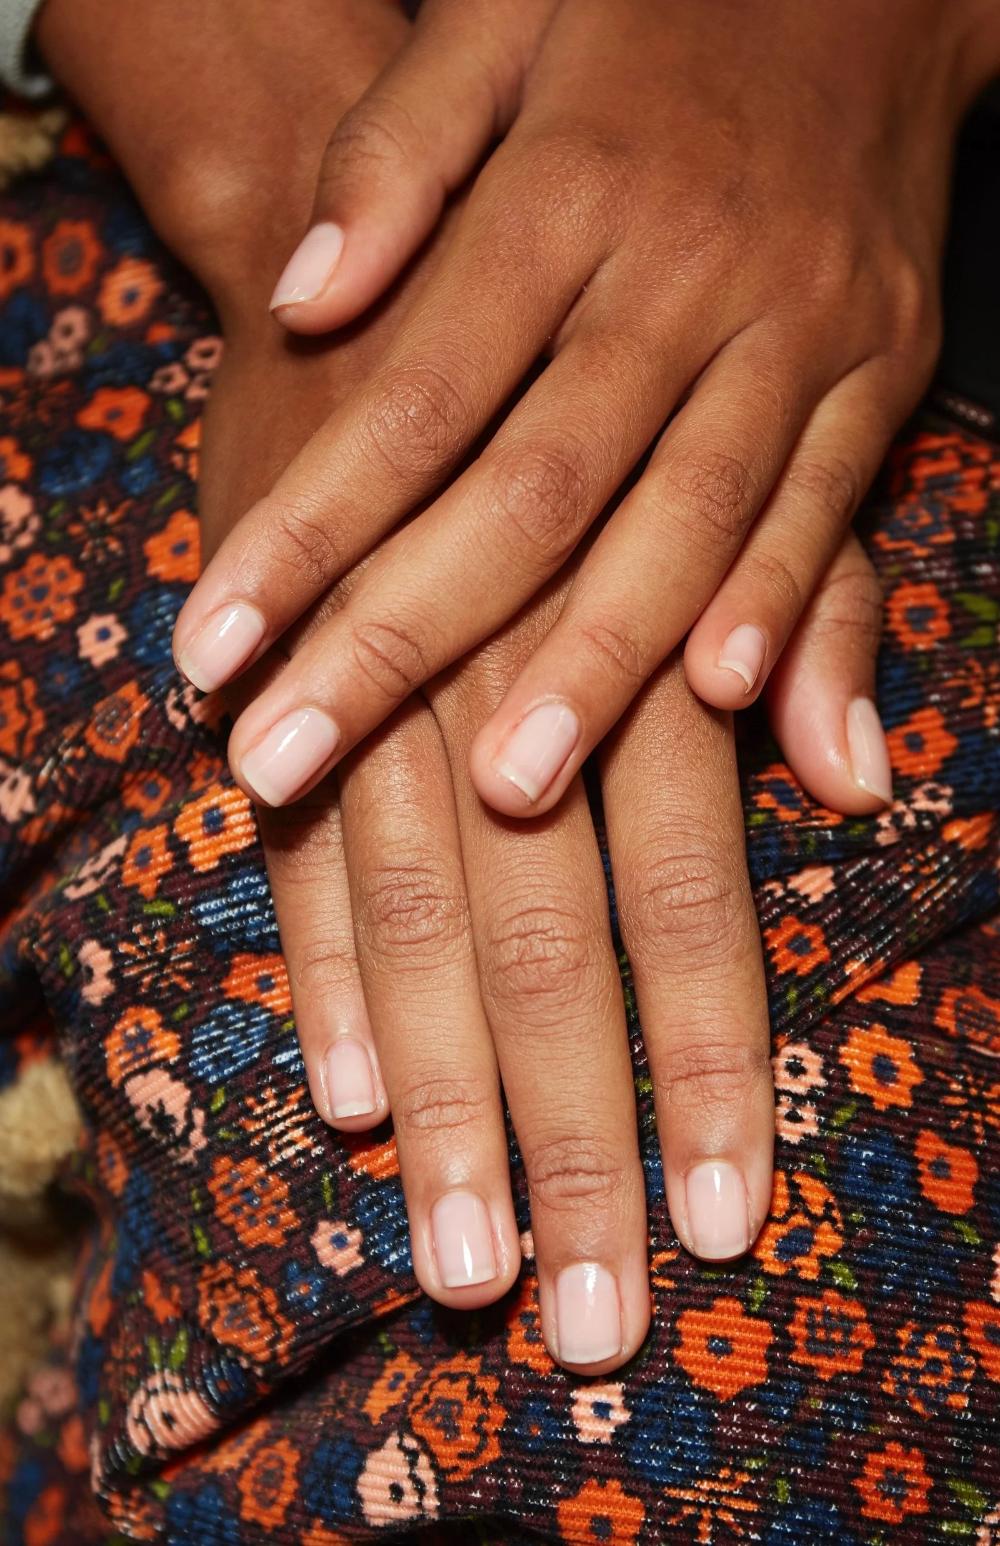 17 Möglichkeiten, wie Sie versehentlich Ihre Nägel versauen